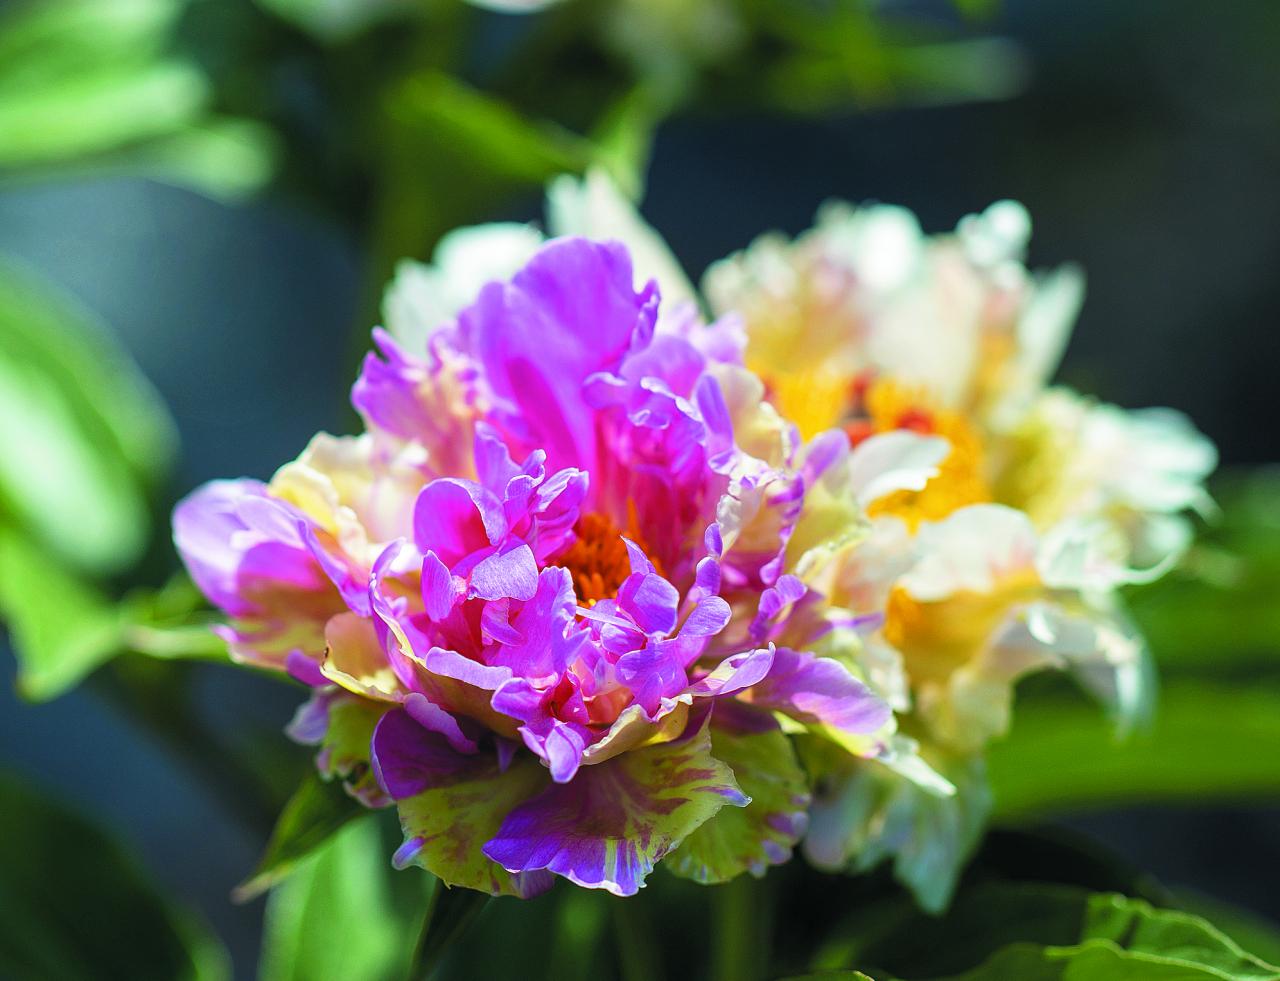 Pink Spritzer. Krāsu un formu daudzveidība – ziedlapas izlocītas, viļņainas, ar sārtām, zaļganām, krēmbaltām joslām. Vidēji ziedoša šķirne ar nelielu smaržu.